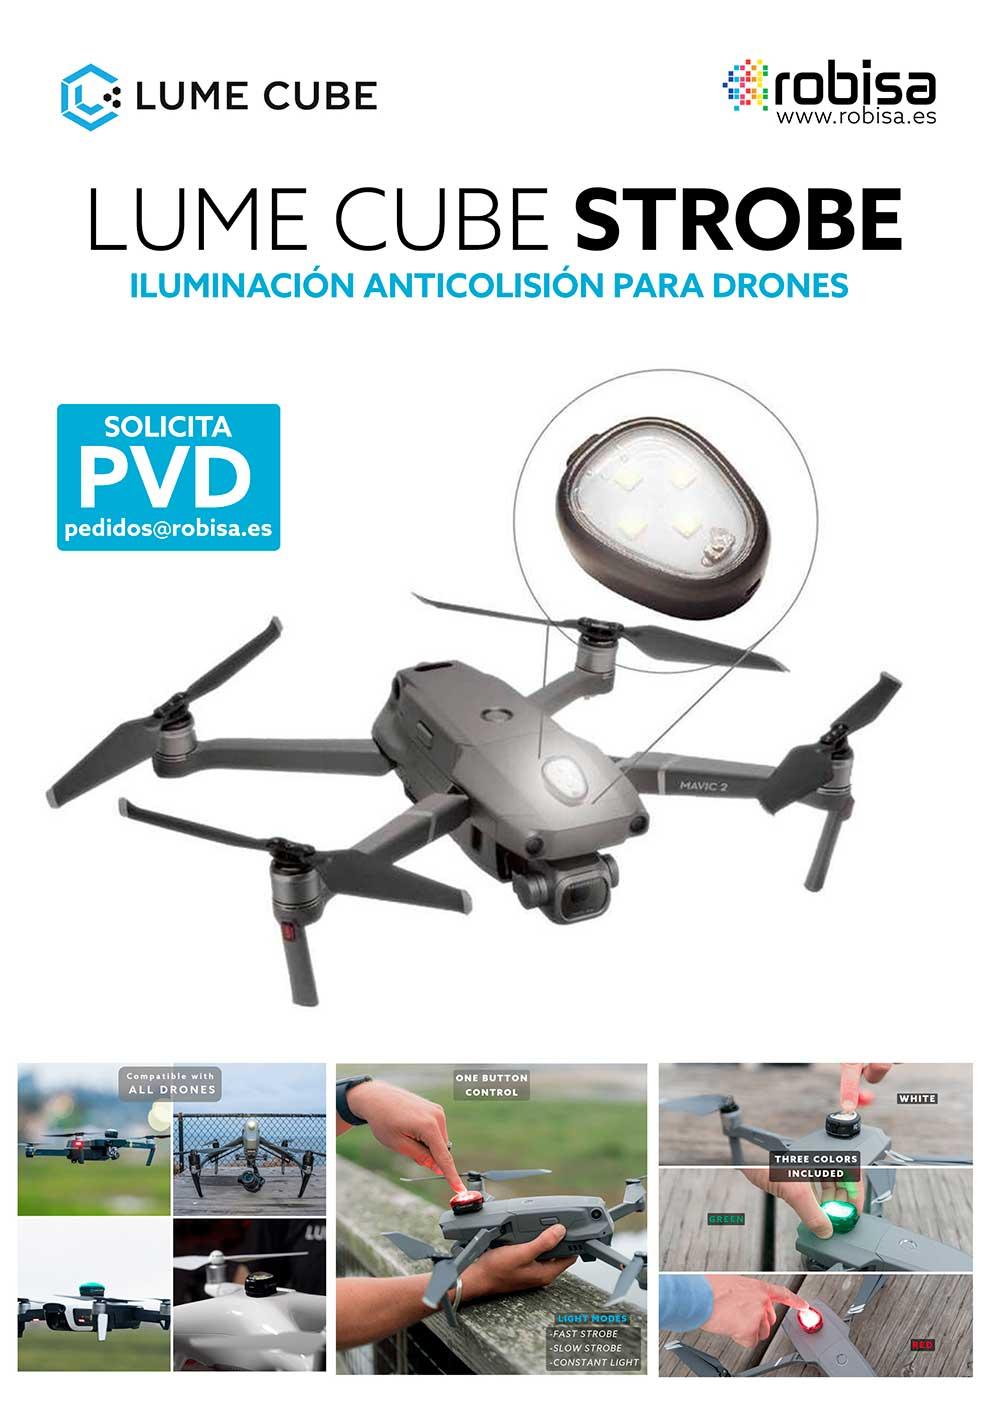 Lume Cube Strobe, iluminación anticolisión para drones